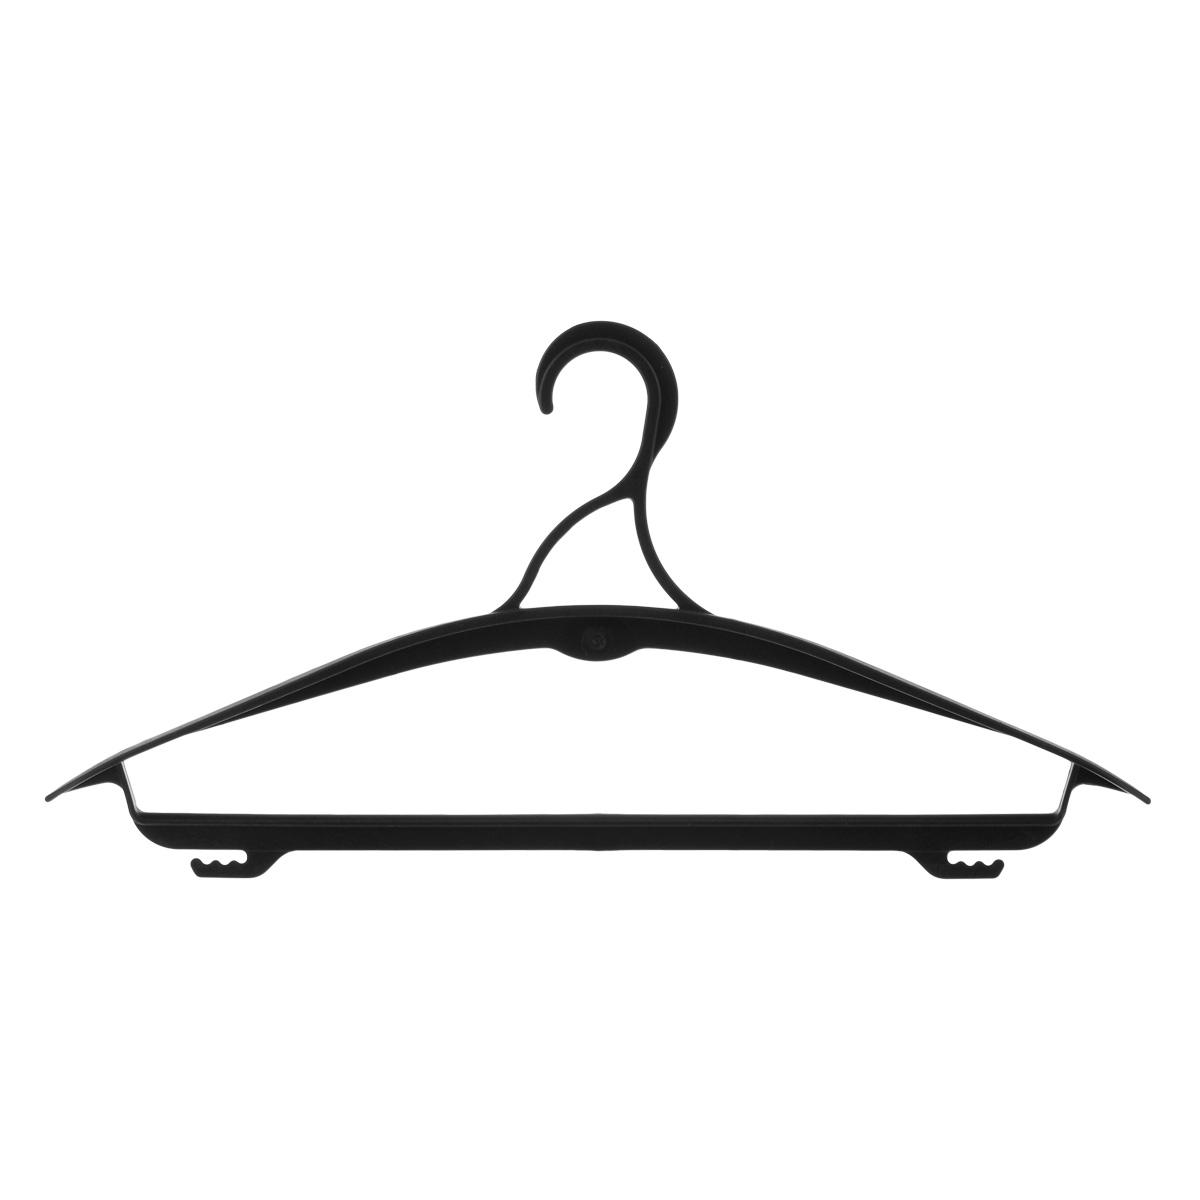 Вешалка для одежды Полимербыт, цвет: черный, размер 48-50. С436С436Вешалка для одежды Полимербыт выполнена из прочного пластика.Изделие оснащено перекладиной и боковыми крючками.Вешалка - это незаменимая вещь для того, чтобы ваша одежда всегда оставалась в хорошем состоянии.Размер элемента: 42,5 см х 21 см х 3,5 см. Размер одежды: 48-50.